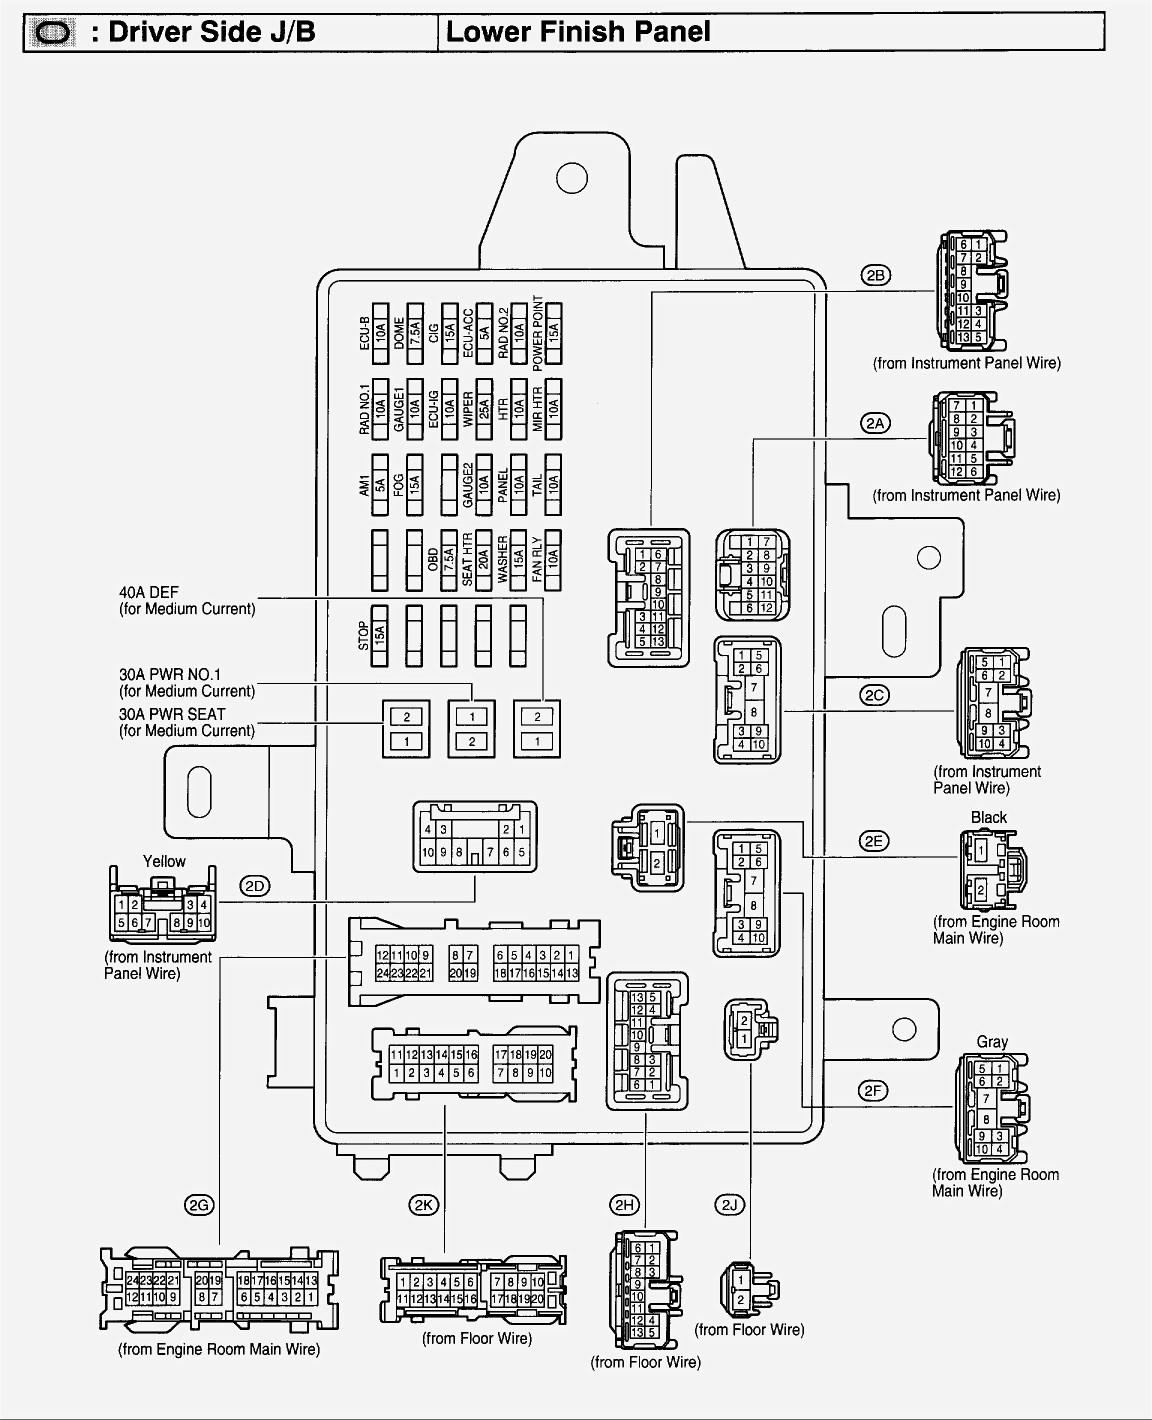 2011 Toyota Camry Wiring Diagram 1990 Camaro Fuse Box Diagramford Foreman Waystar Fr